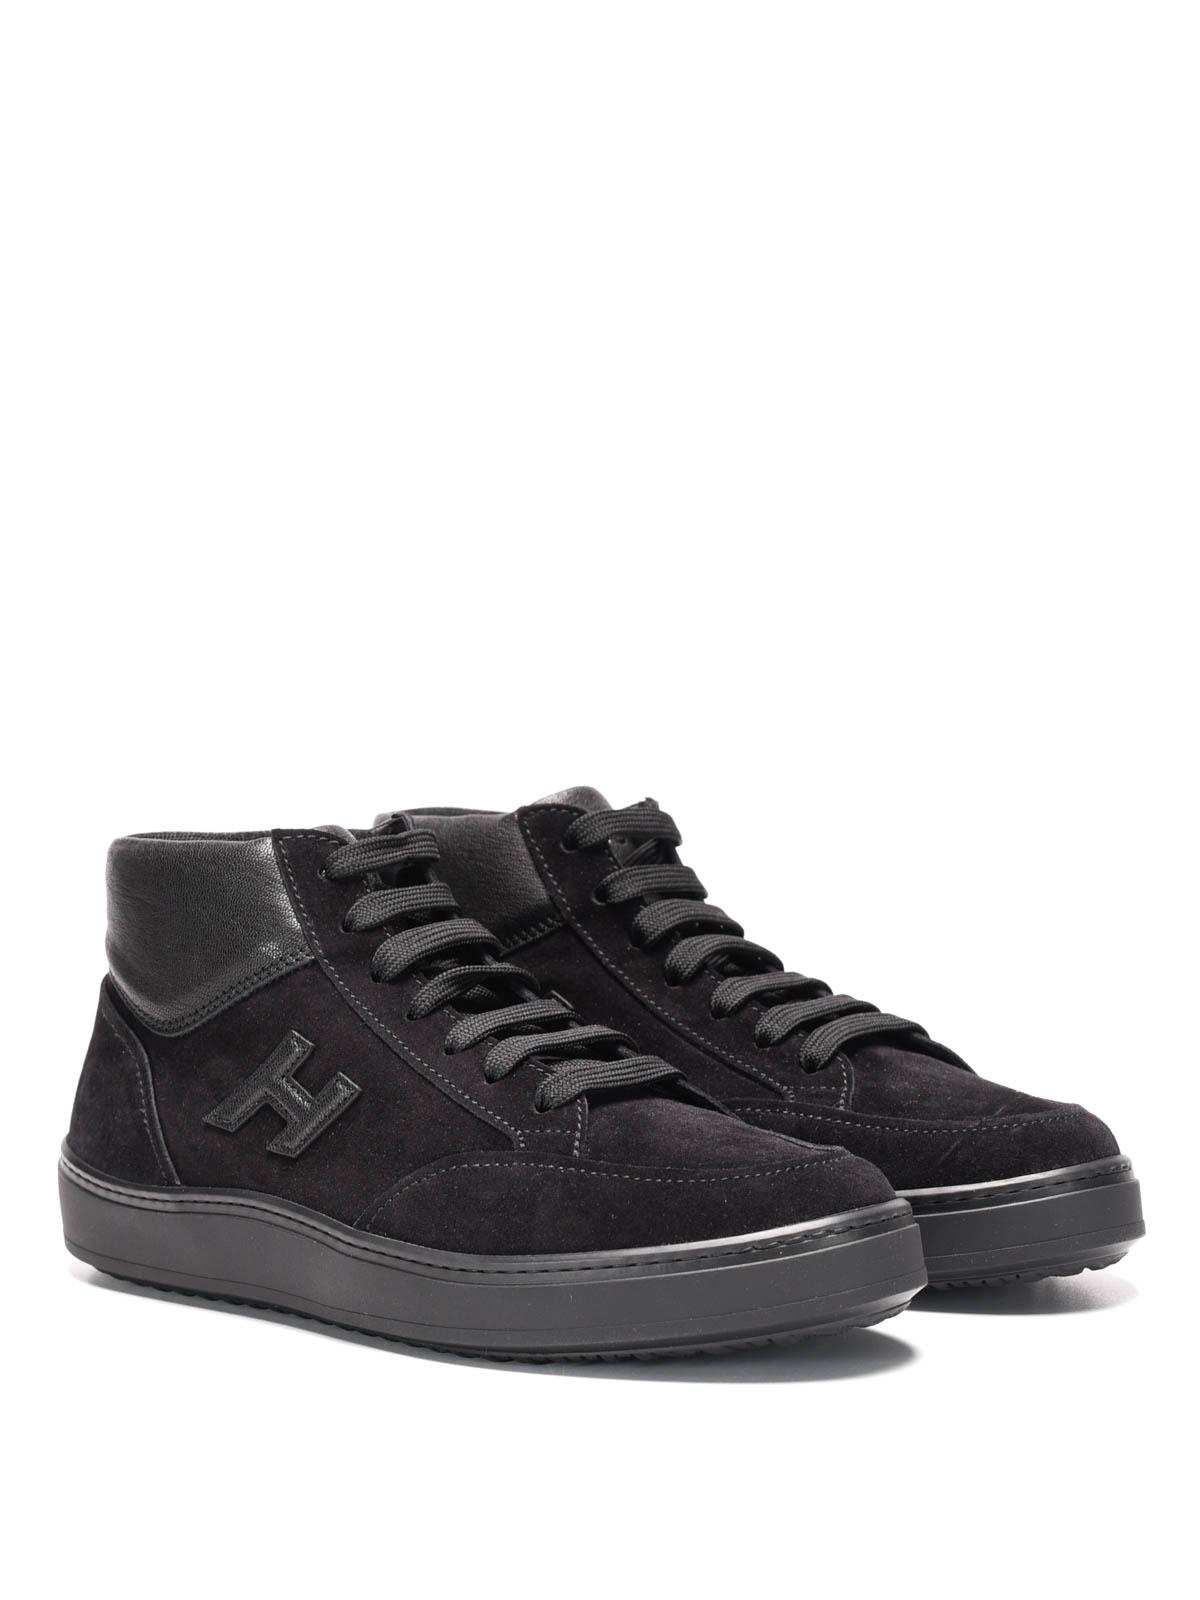 Hogan hightop zapatos sneakers Negro Sneakers VAGABOND zapatos hightop  es elnegro 94e067